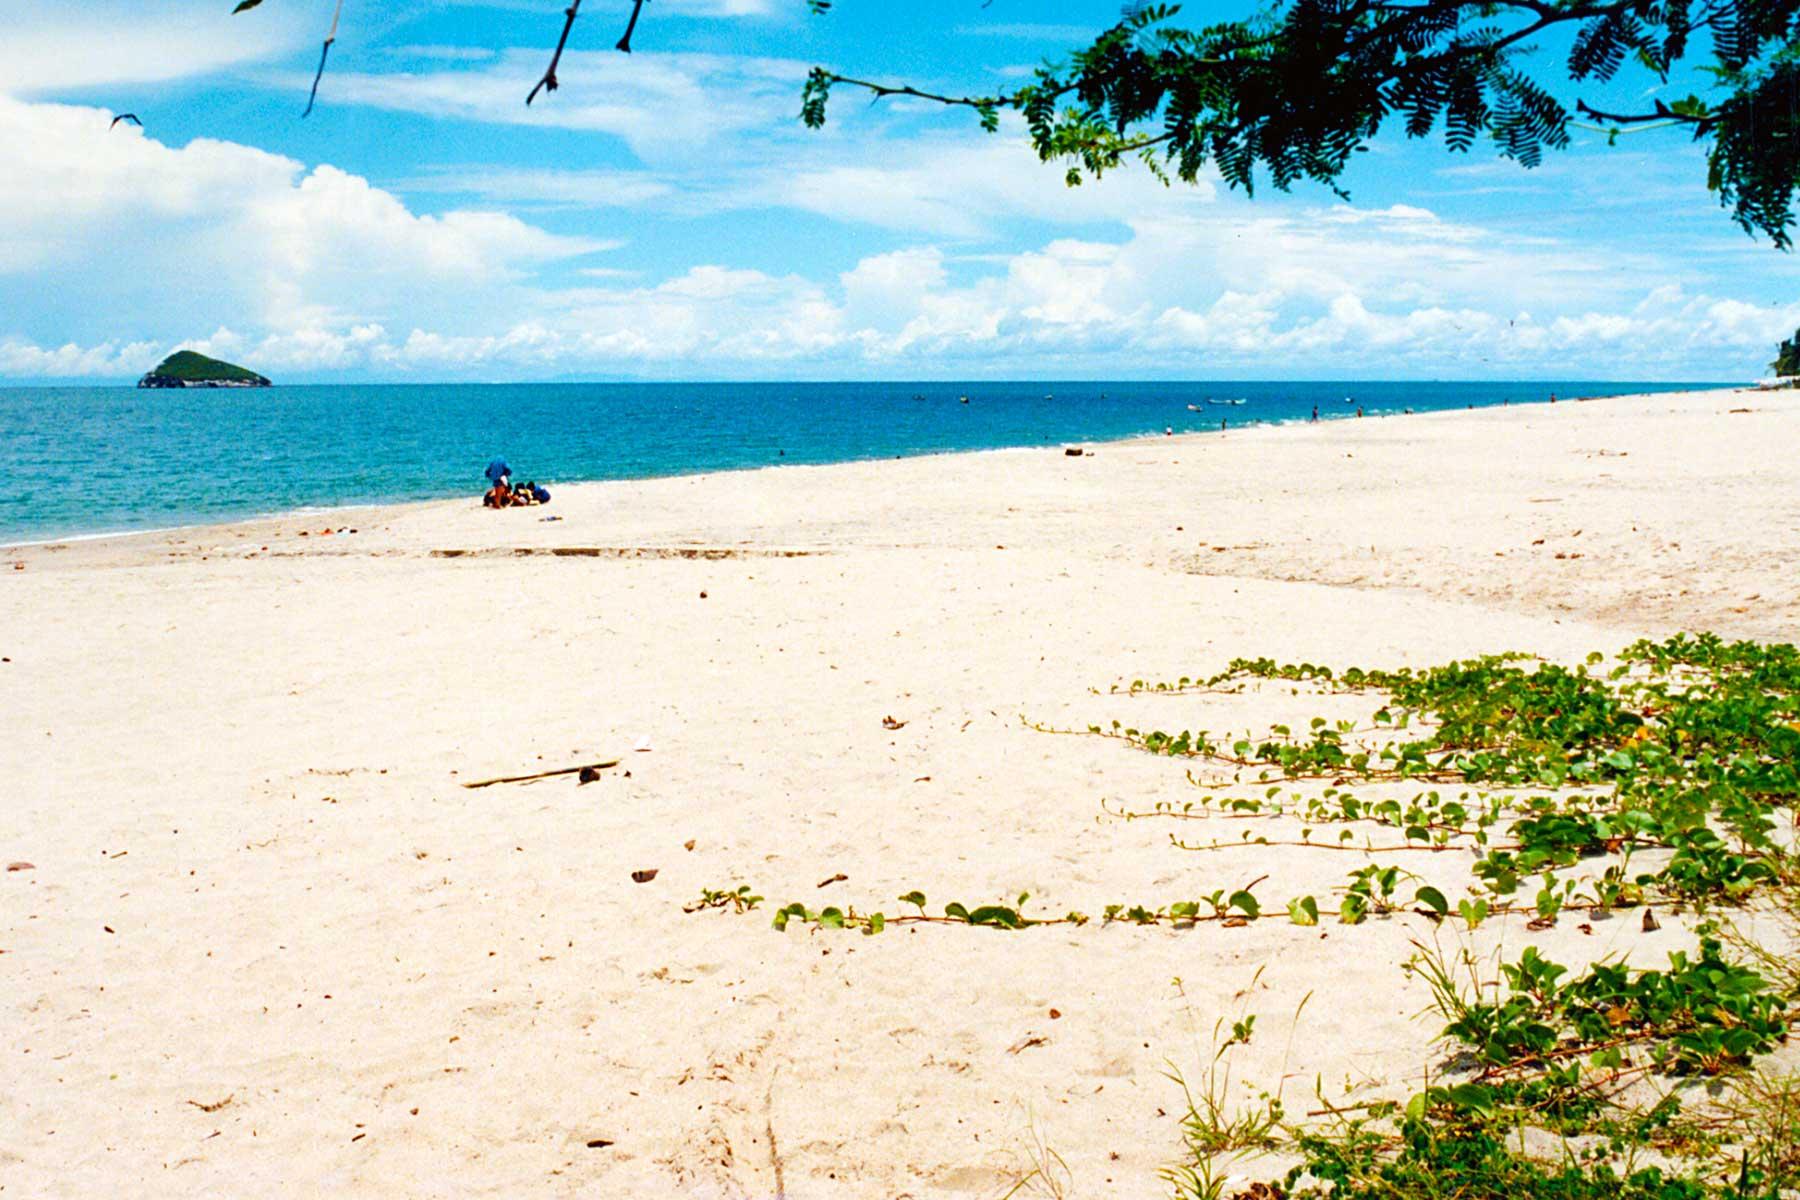 Beach   Panama   Steven Andrew Martin   South America   Travel Journal   Dr Steven Martin